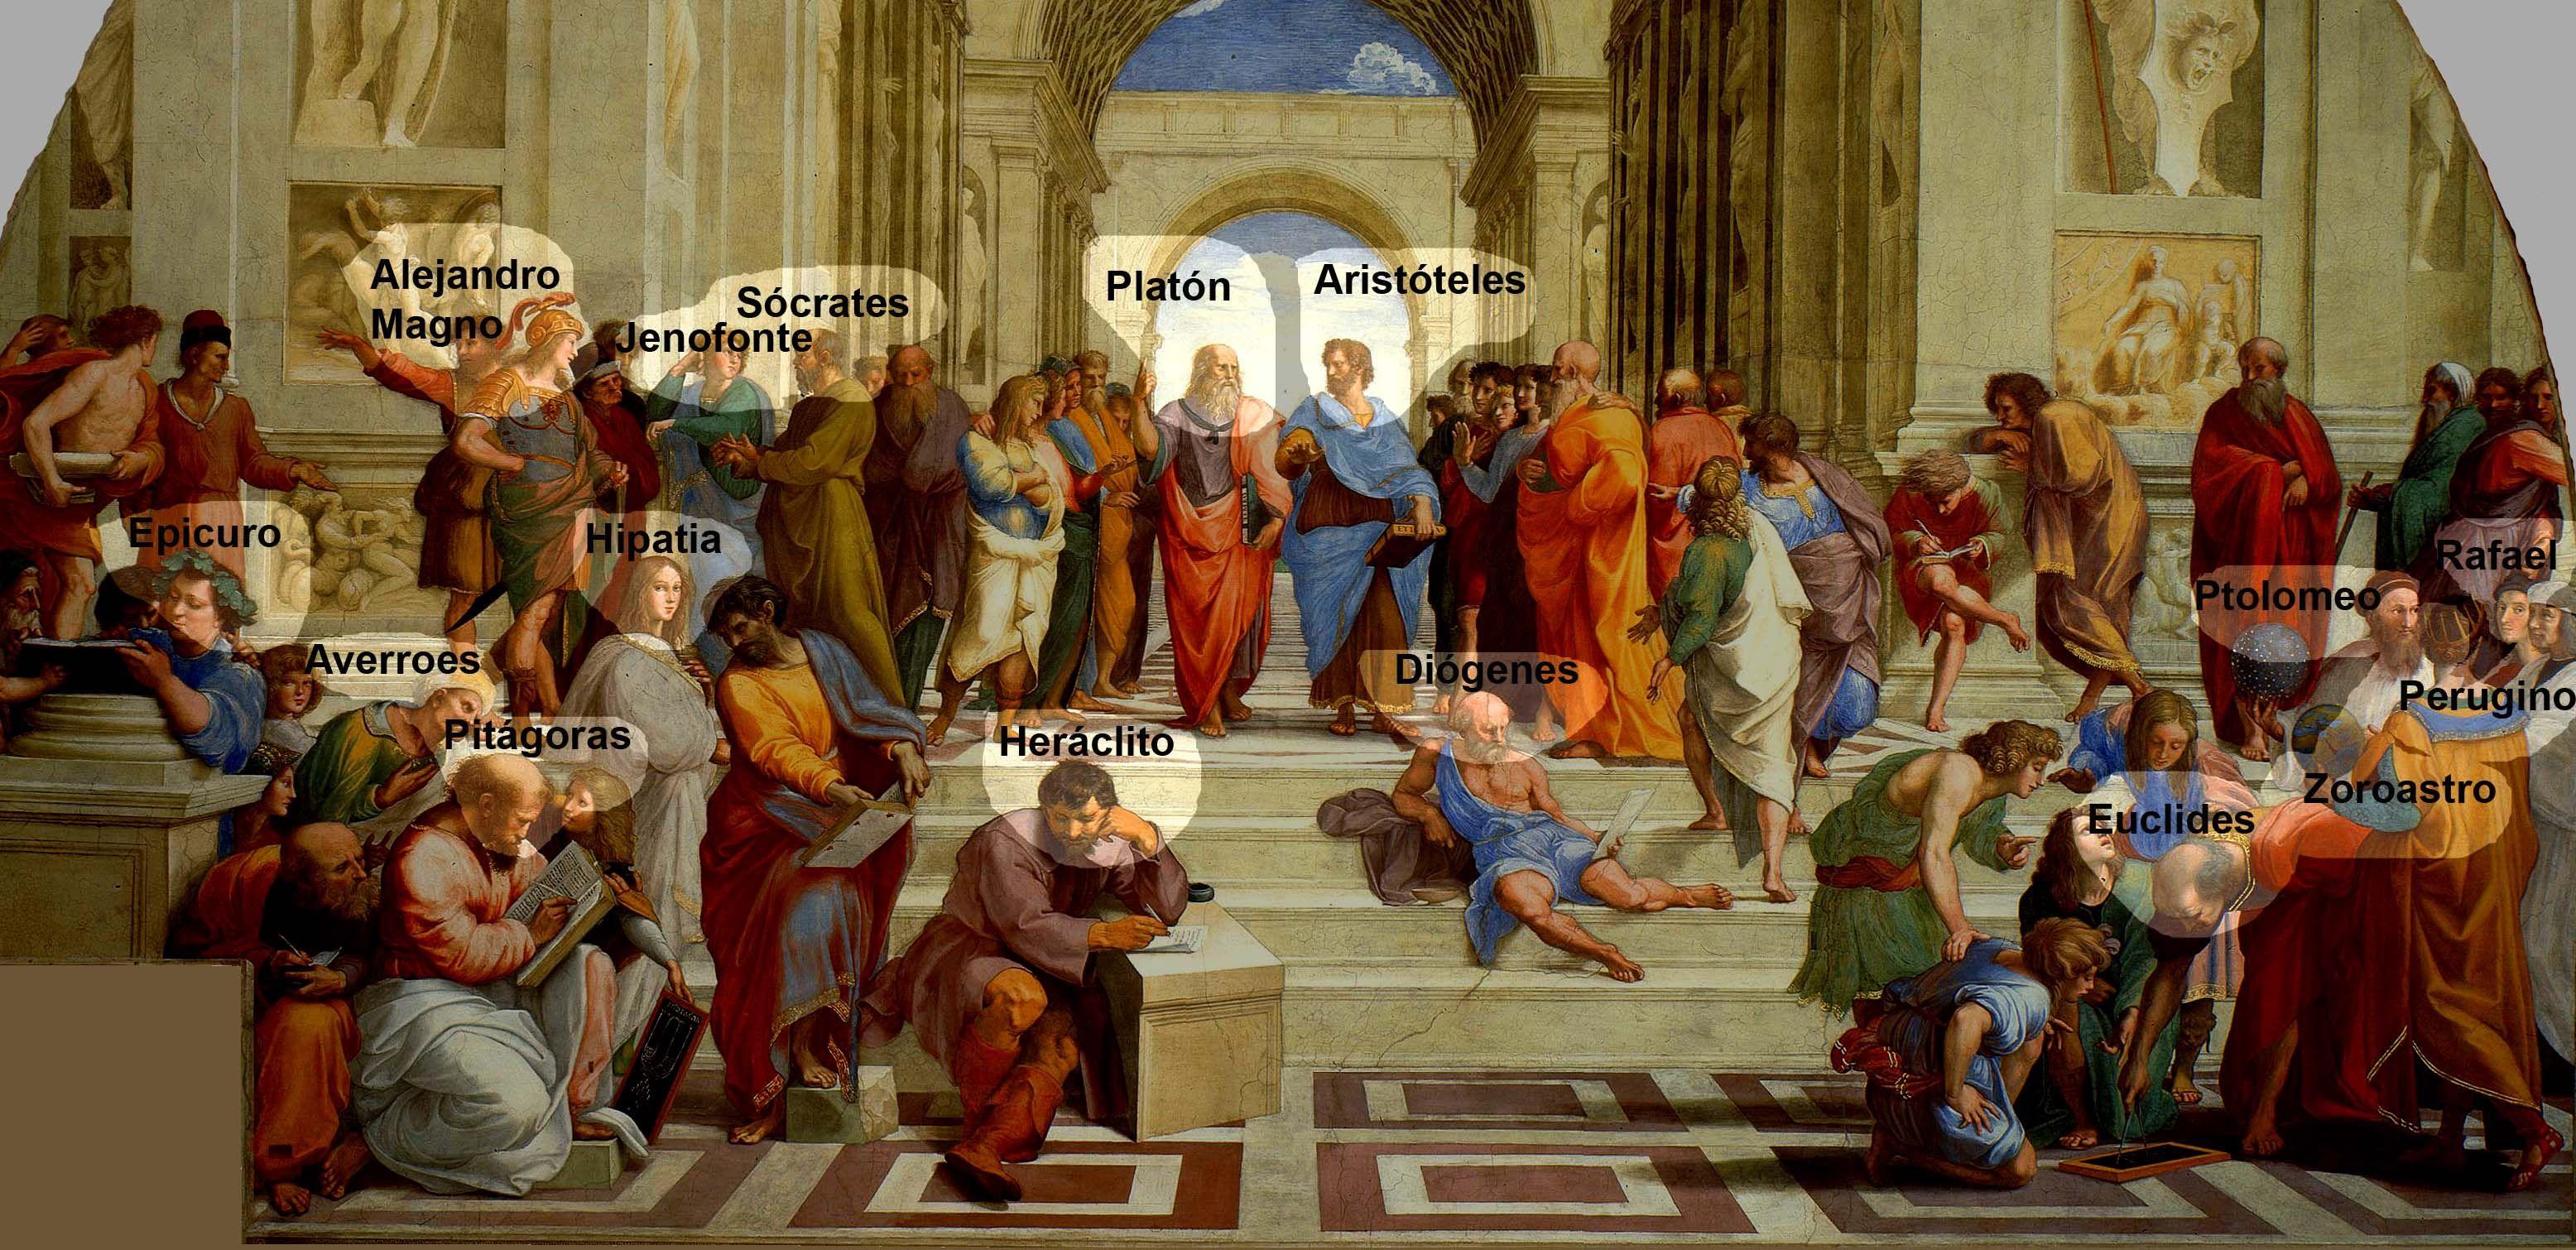 La escuela de Atenas. Rafael | La escuela de atenas, Academia de atenas,  Arte clásico